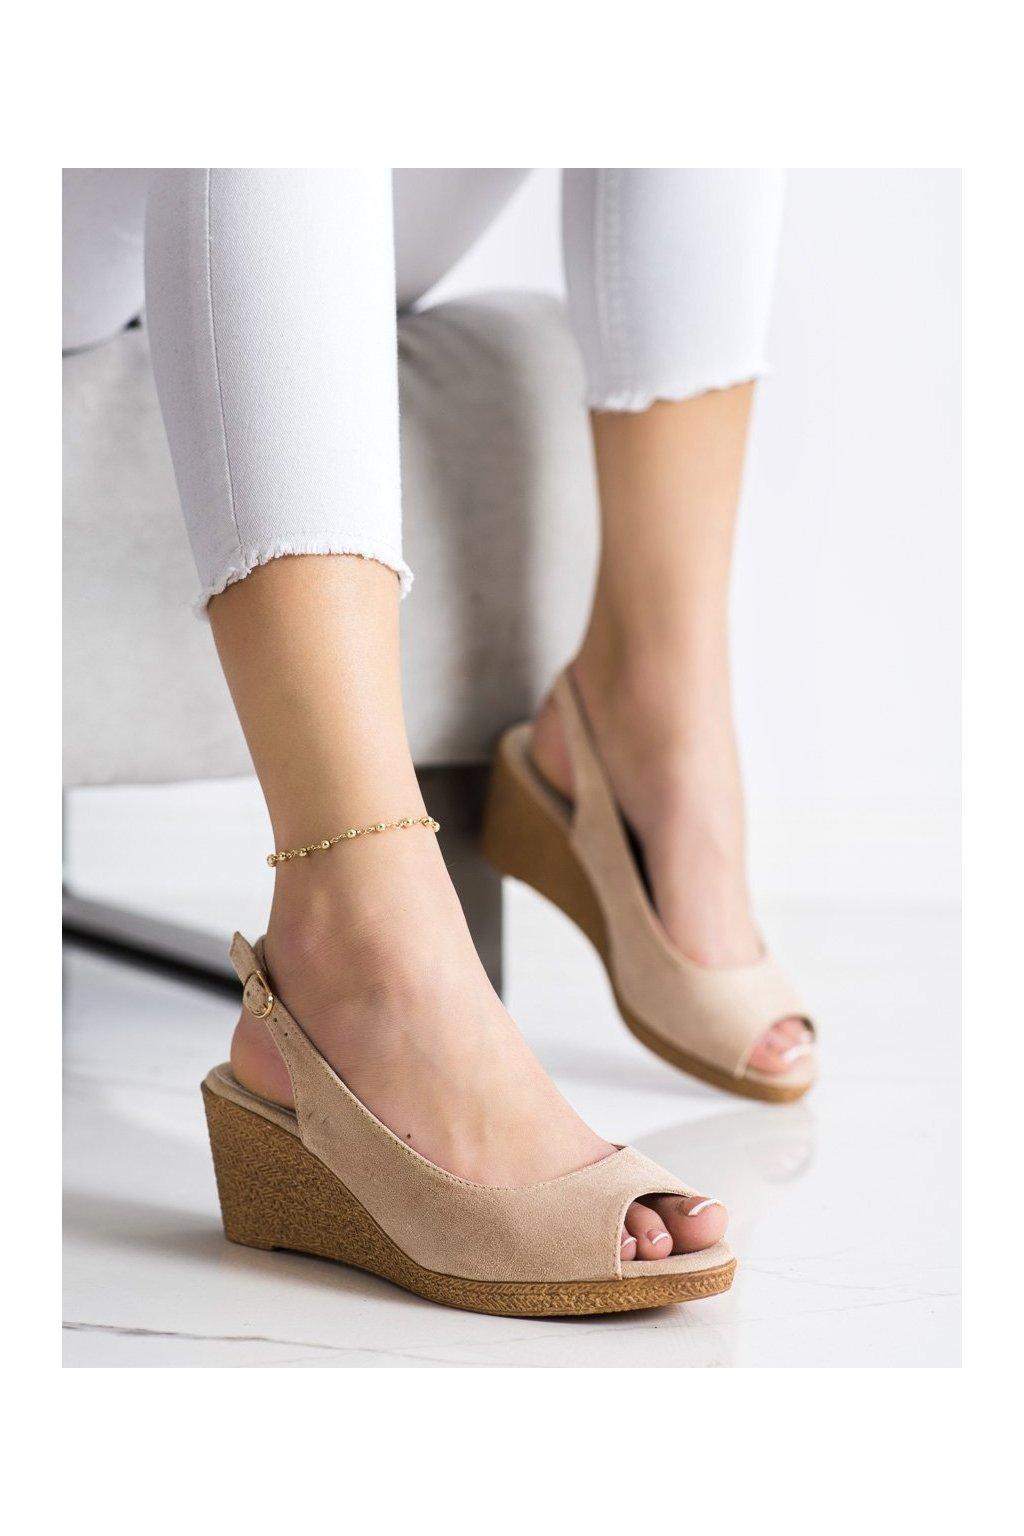 Hnedé sandále na platforme Goodin kod GD-FL653BE